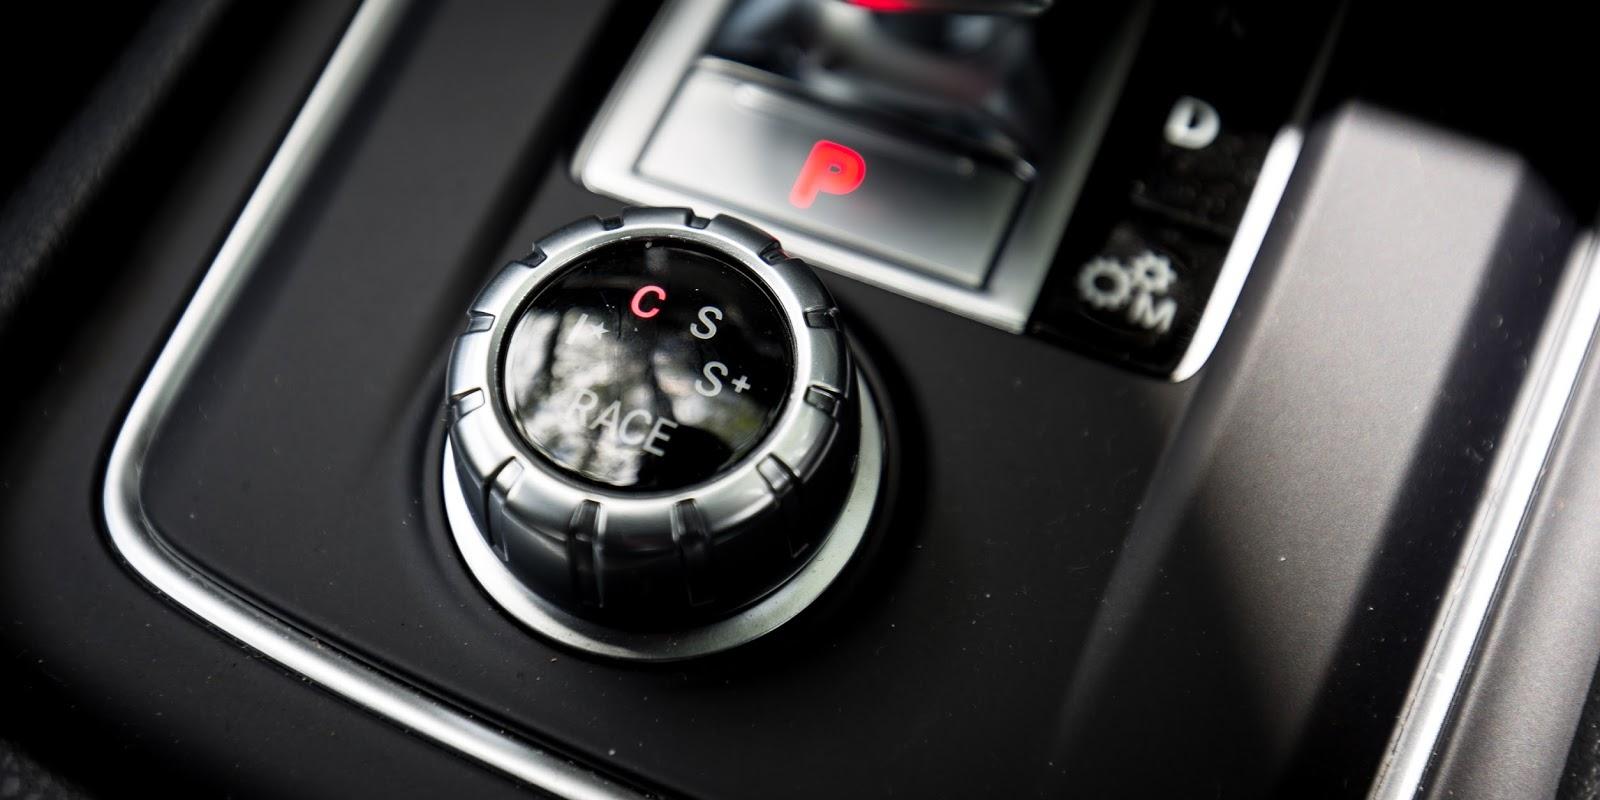 Lái xe có thể tùy chọn các chế độ lái thông qua nút bấm